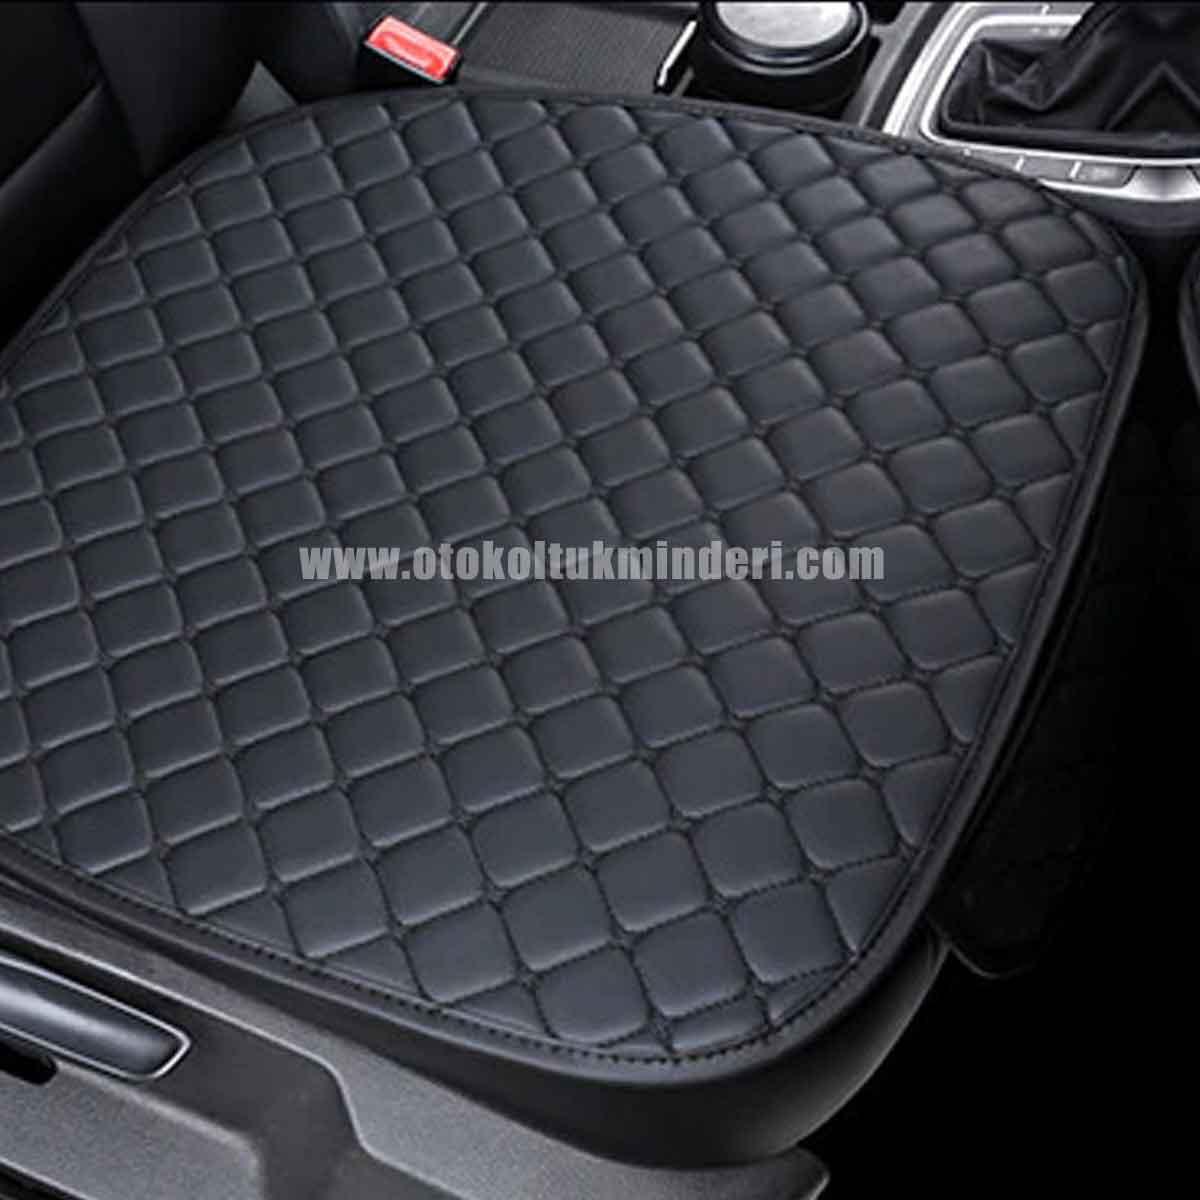 Seat oto koltuk kılıfı - Seat Koltuk minderi Siyah Deri Cepli